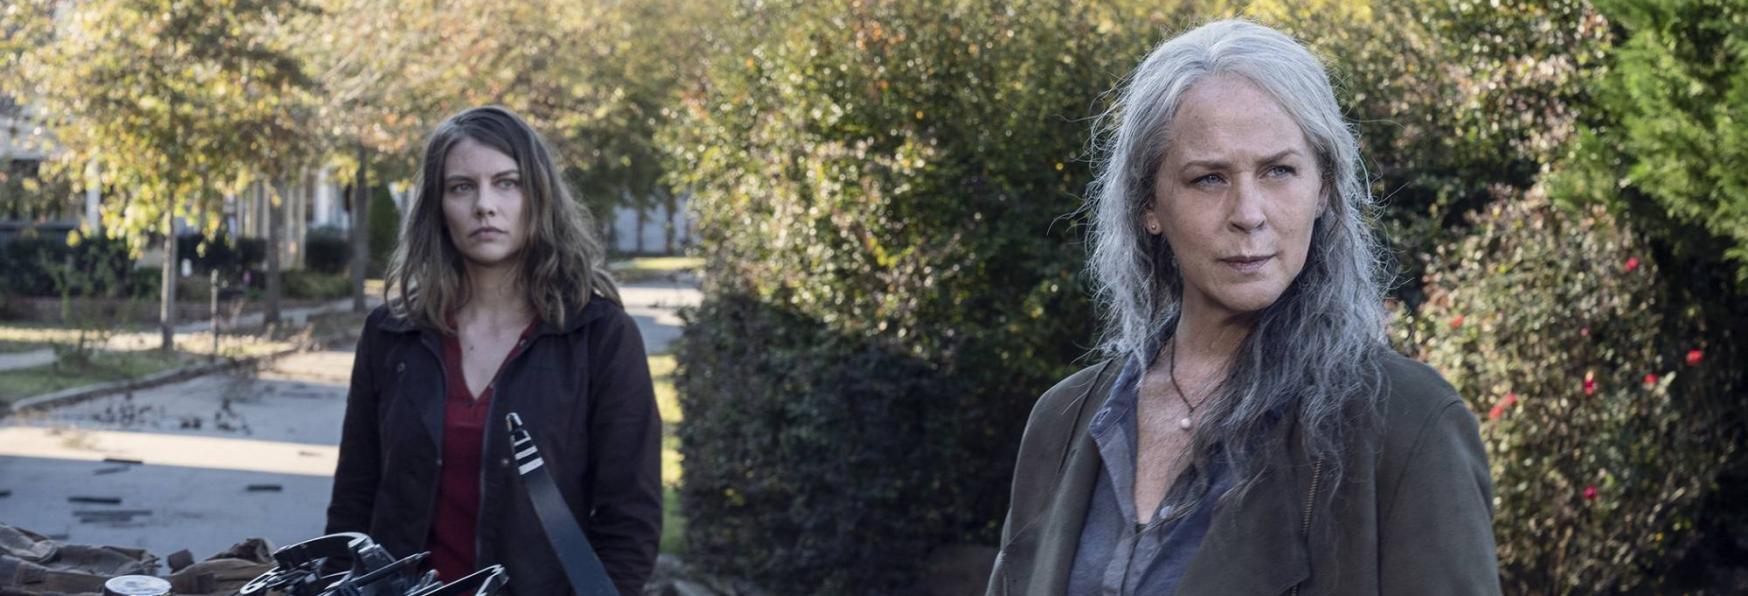 The Walking Dead 11: Svelata la Data di Uscita del nuovo Trailer